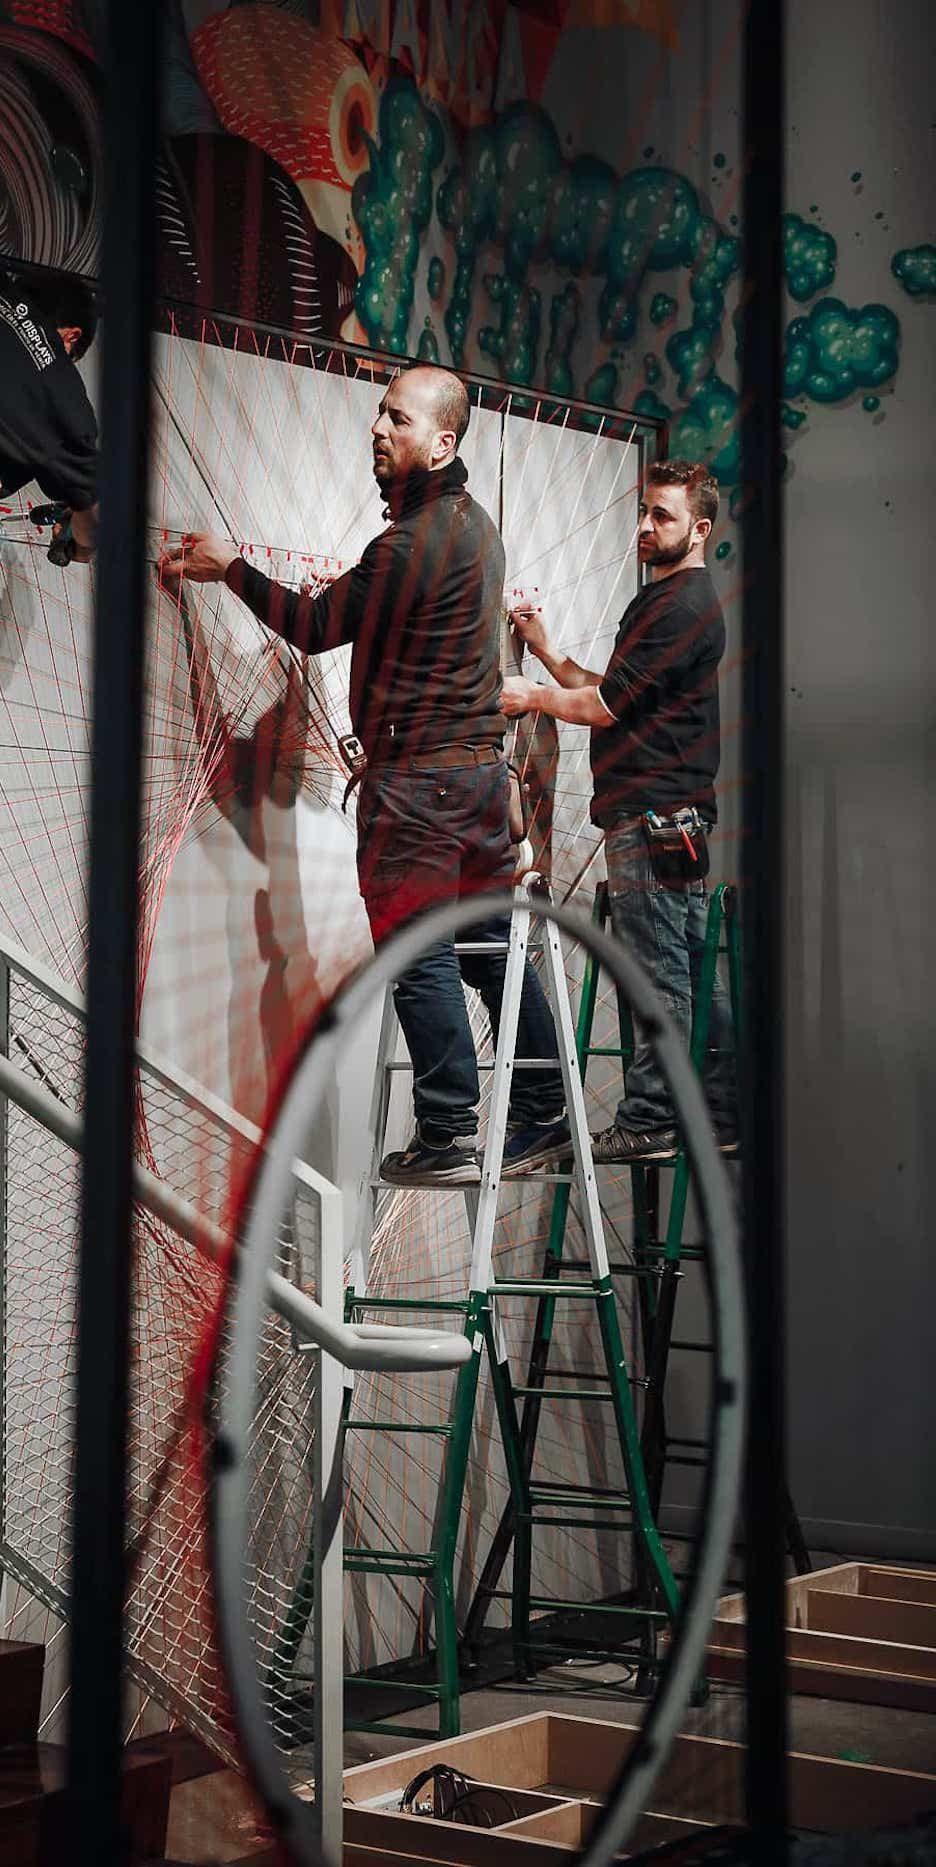 Instalación de trasera con hilos en estructura metalica tienda nike madrid